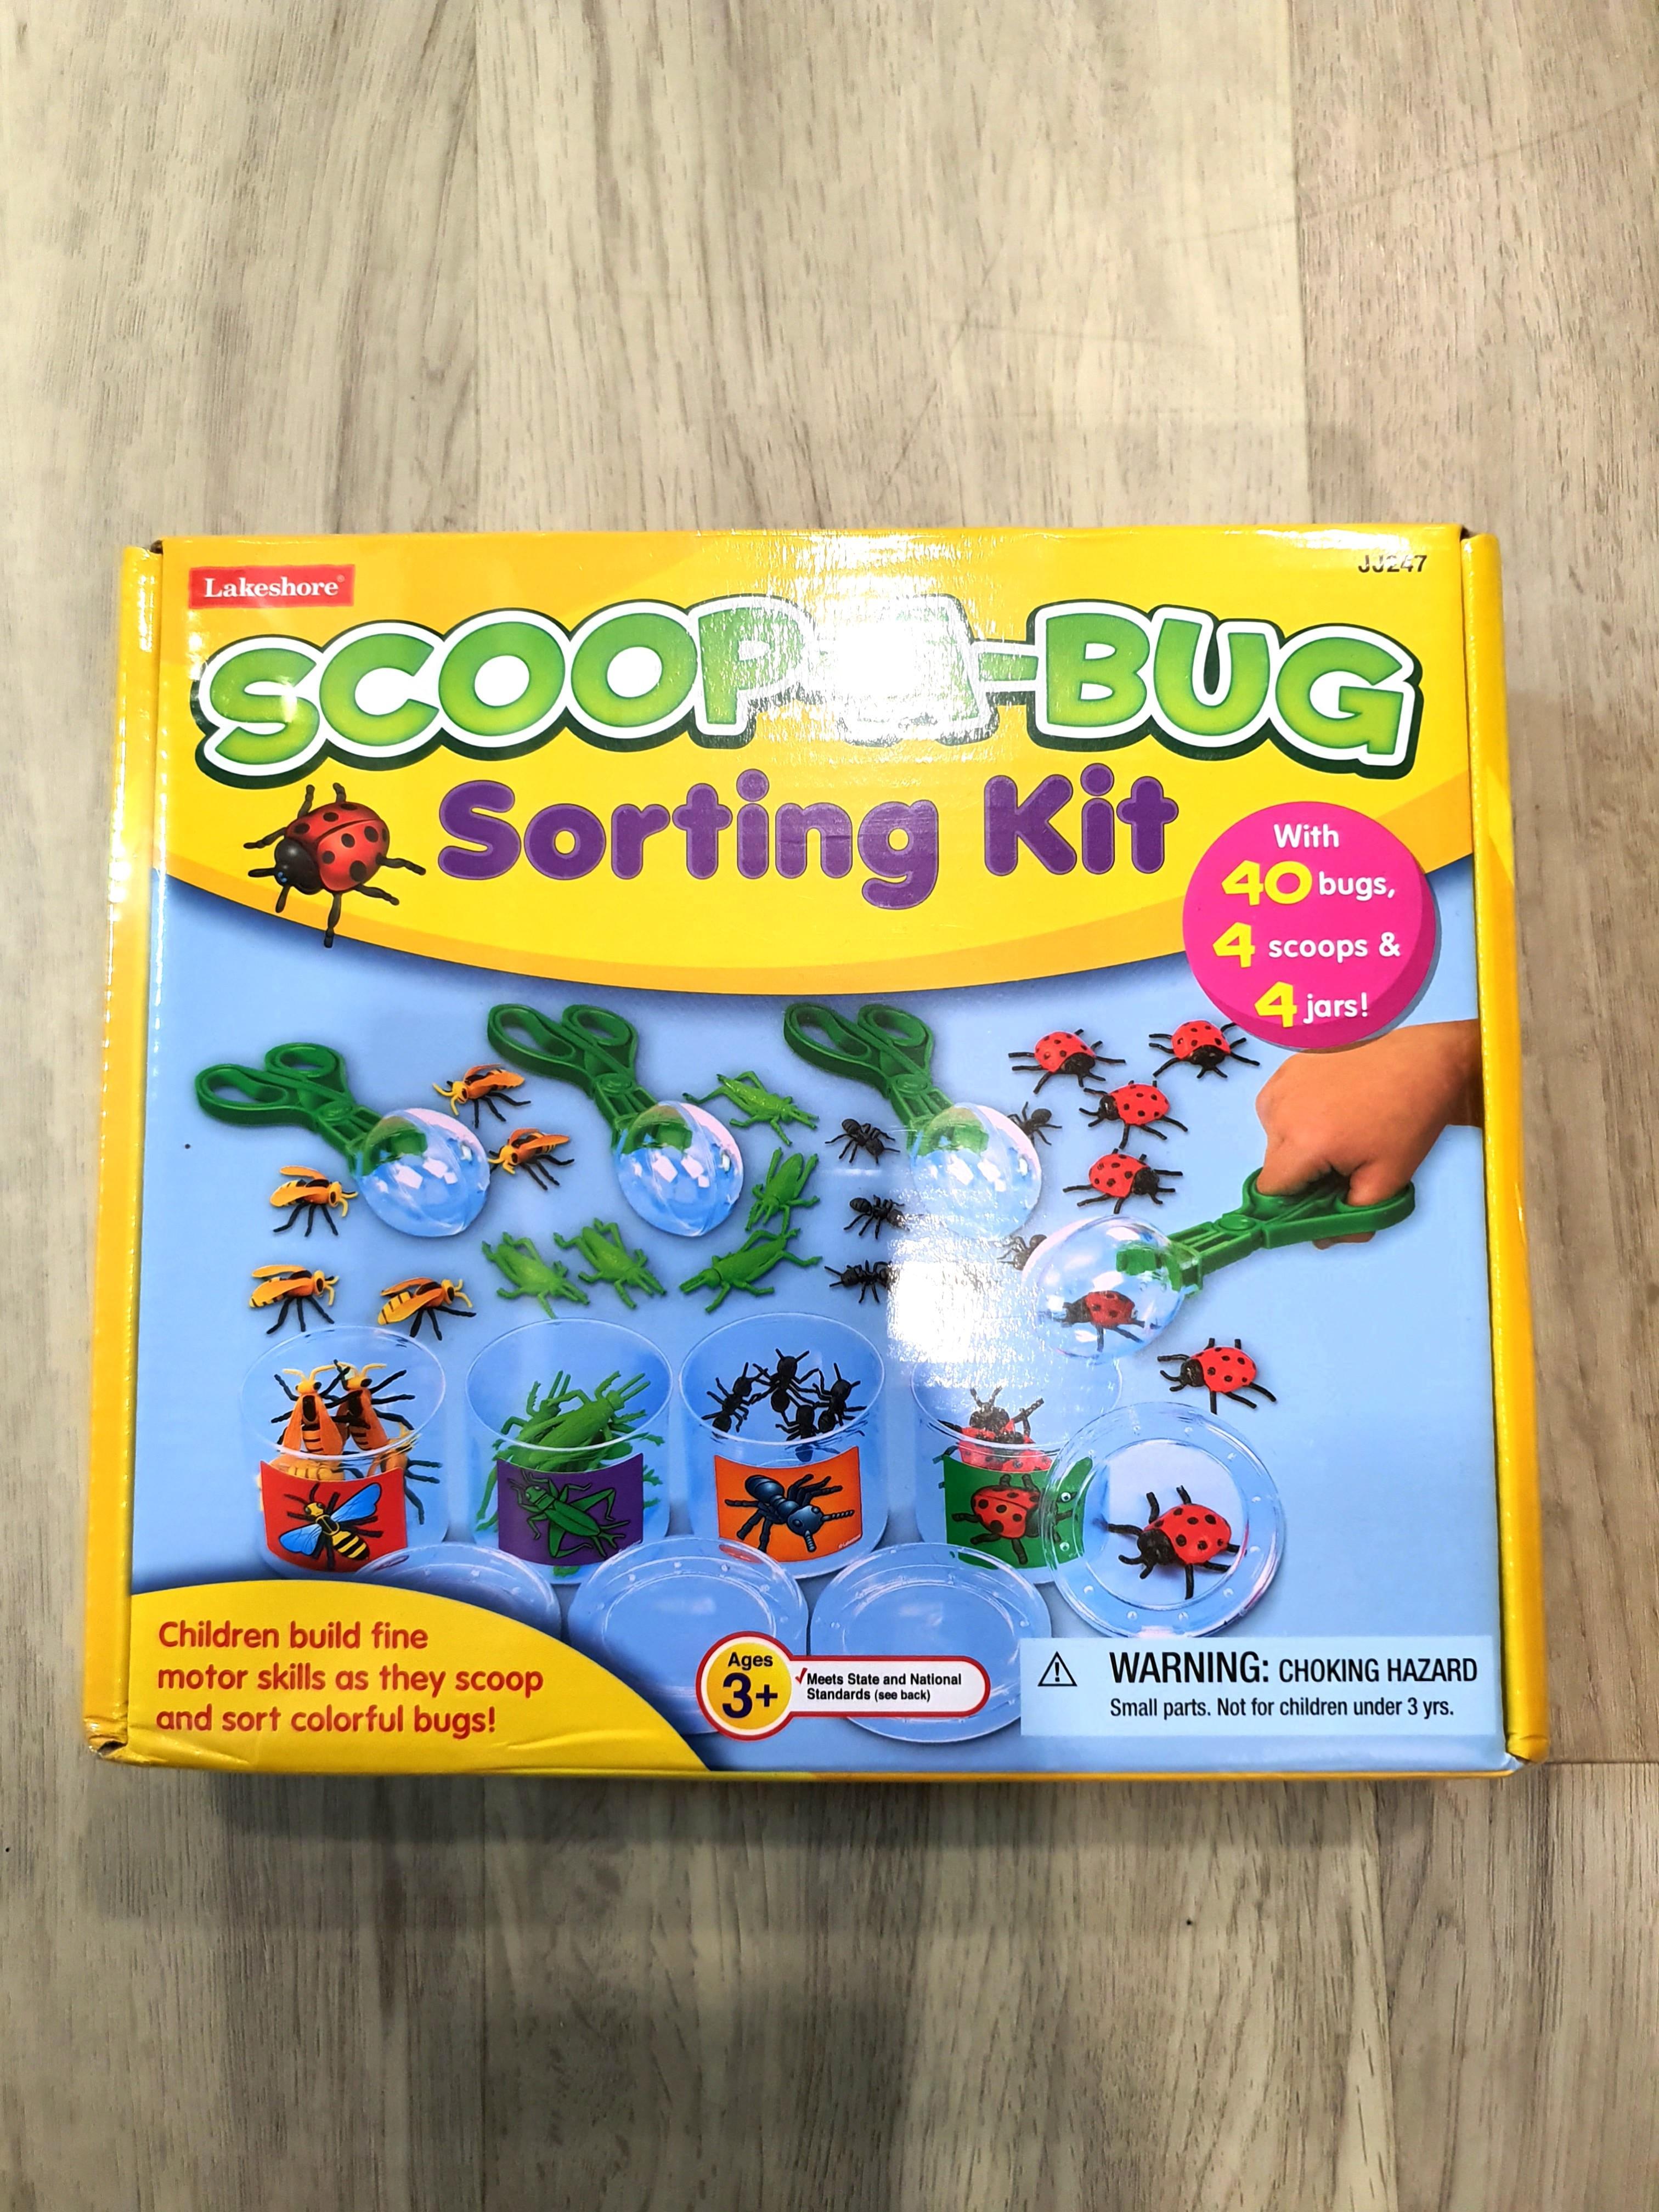 Scoop-A-Bug sorting kit